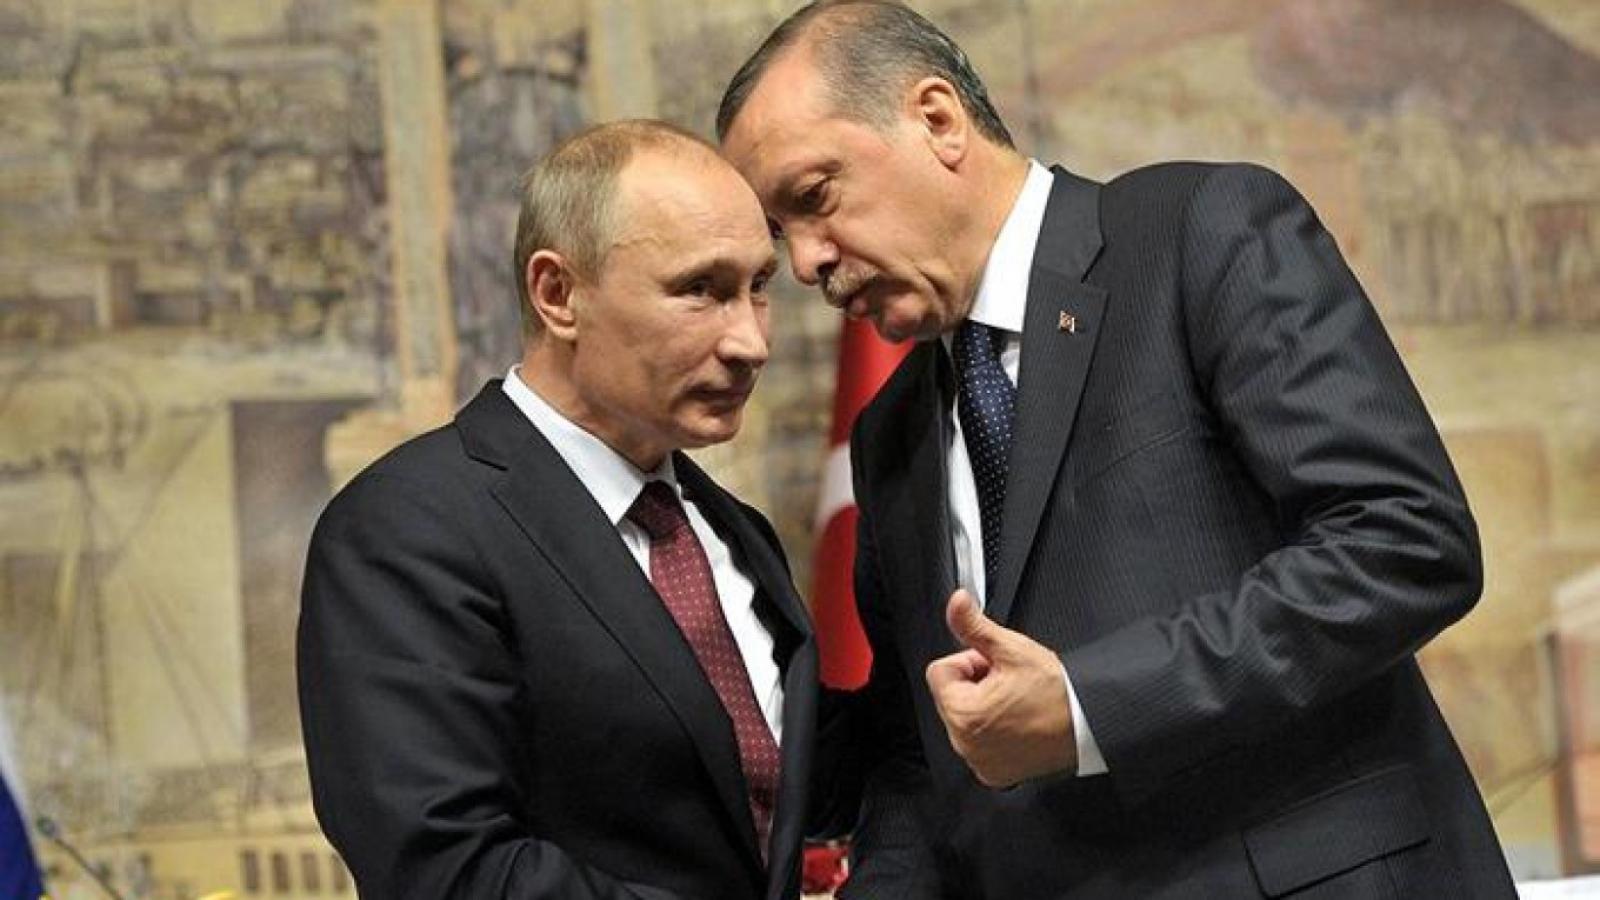 """Căng thẳng Nga - Ukraine: Thổ Nhĩ Kỳ toan tính """"đi hàng hai"""""""